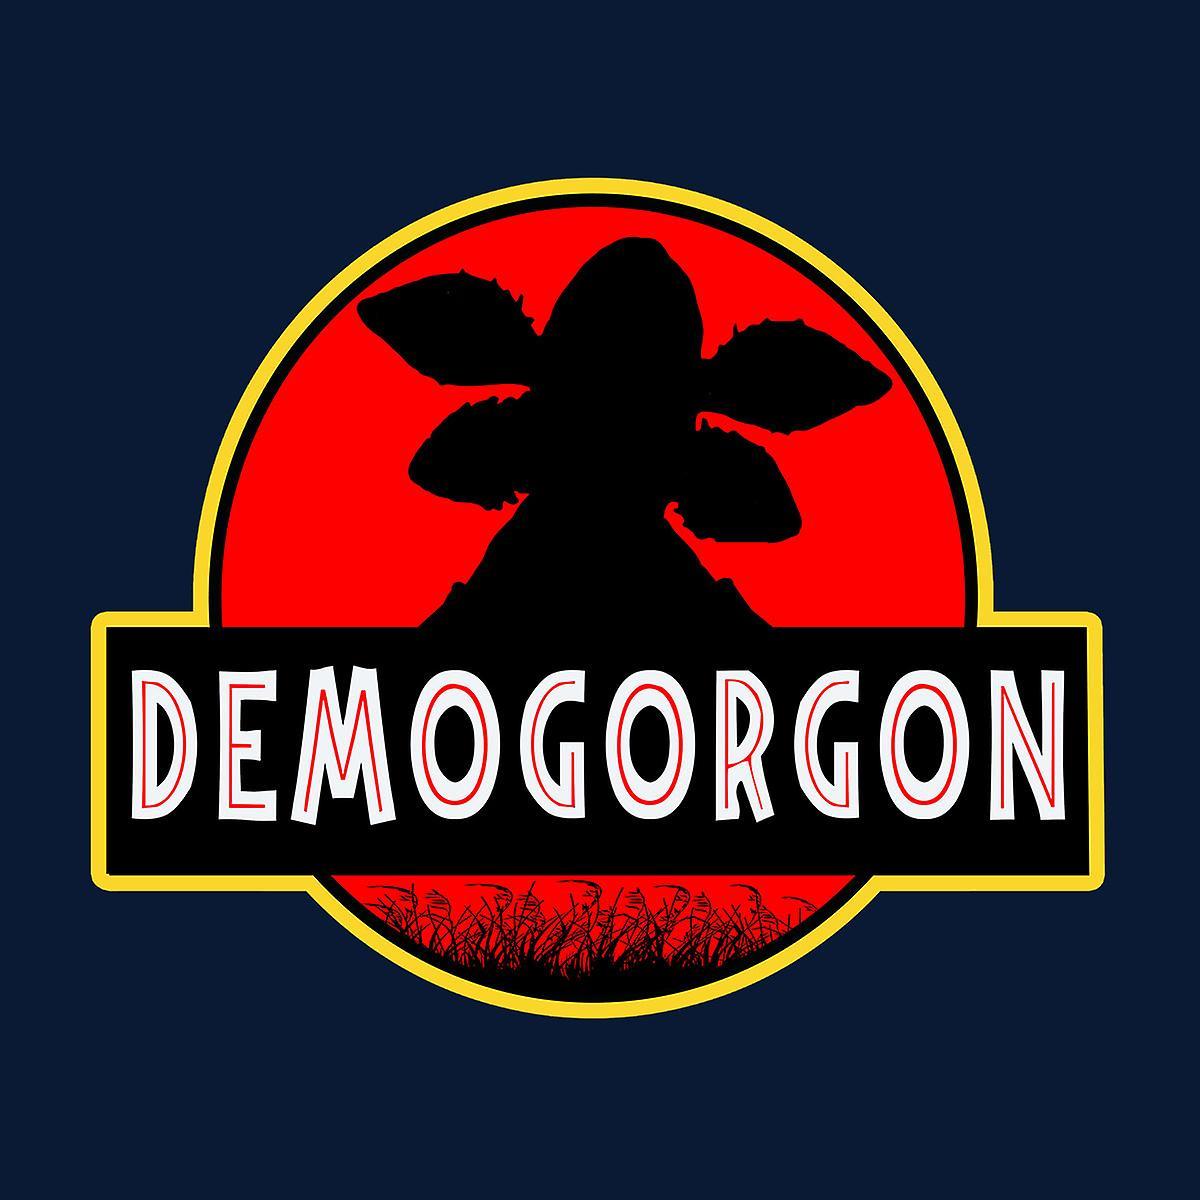 Gilet de Démogorgon Jurassic Park plus étranges choses féminines